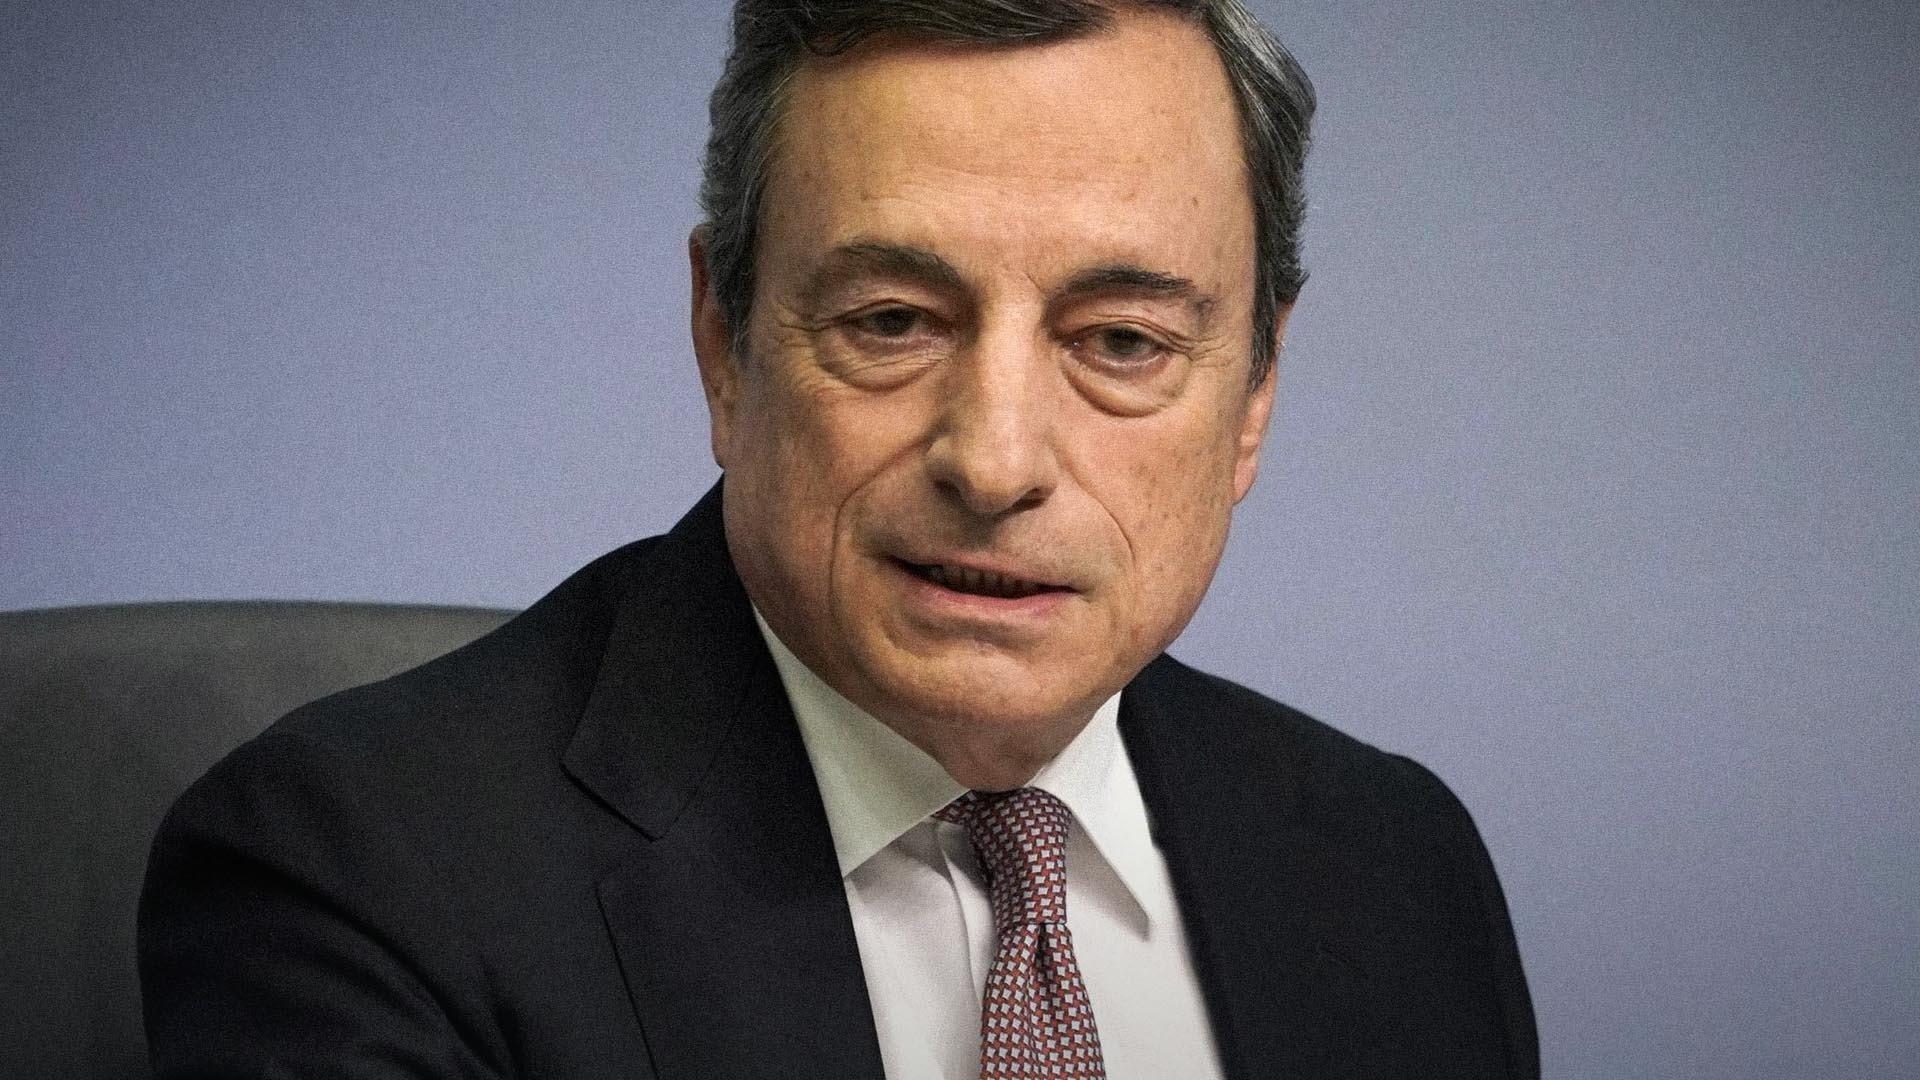 La situazione delle donne in Italia è «immorale e ingiusta» per Mario Draghi